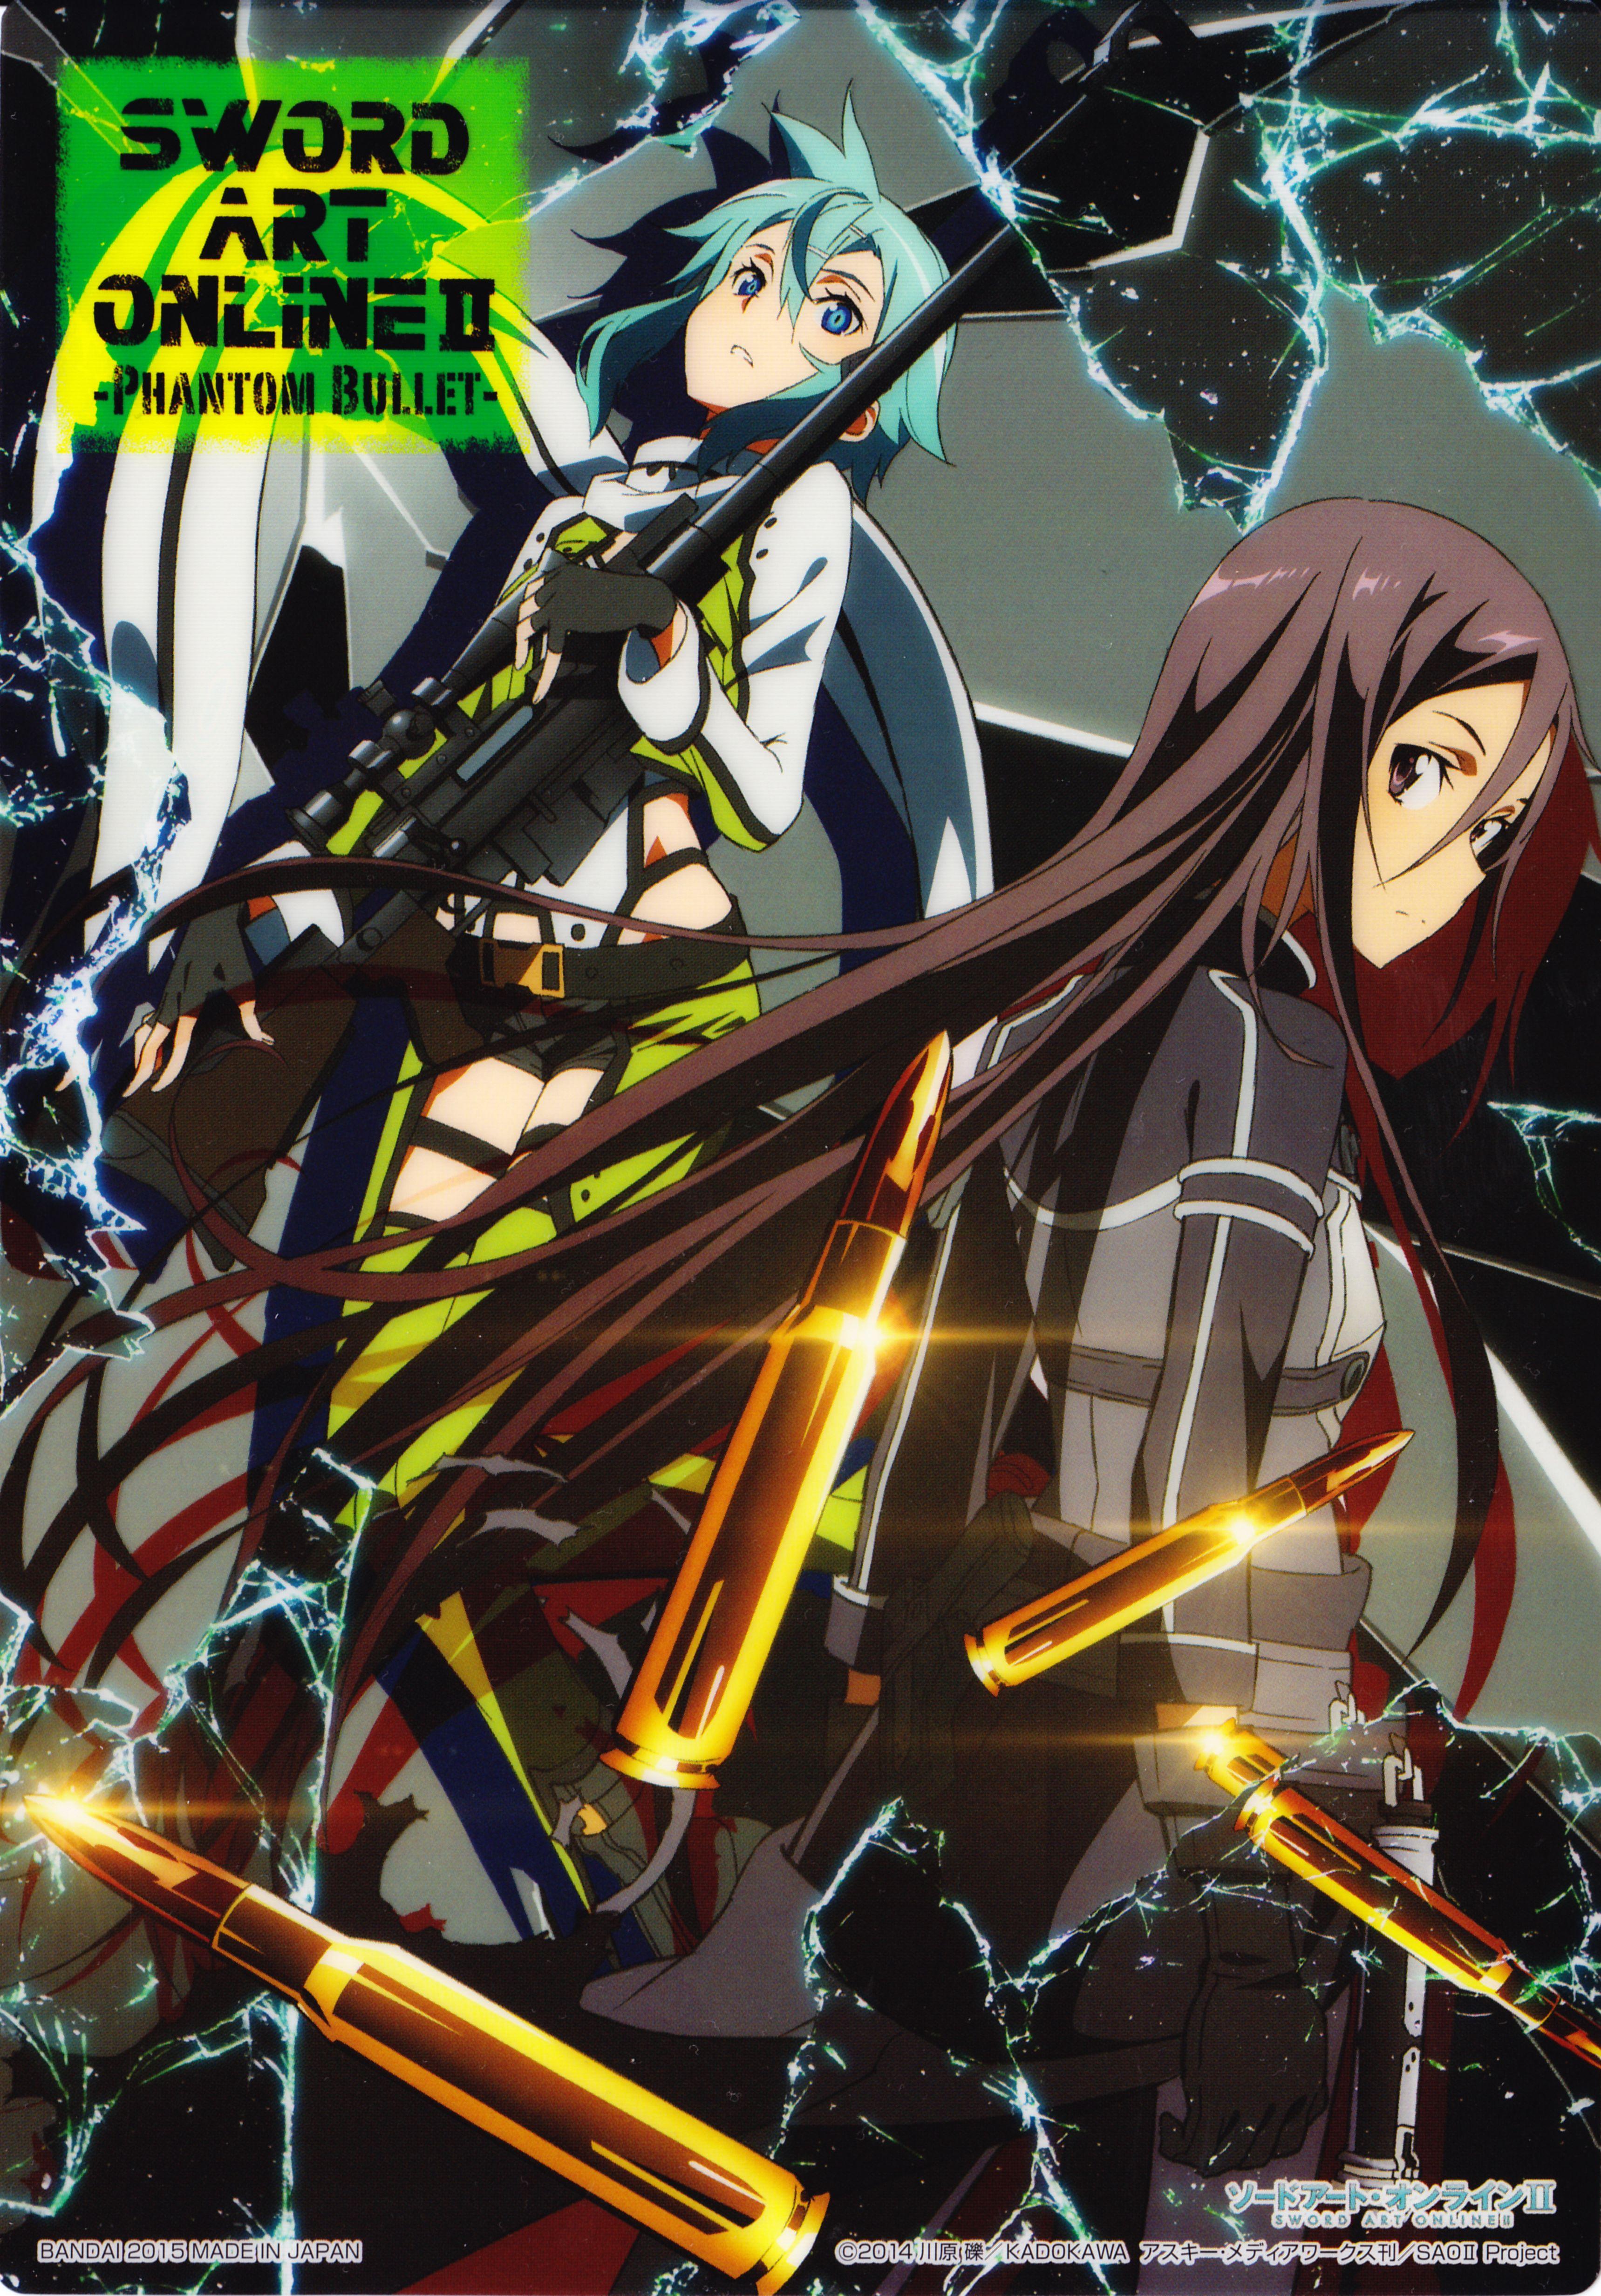 Sword Art Online Mobile Wallpaper #1844558 - Zerochan Anime Image Board